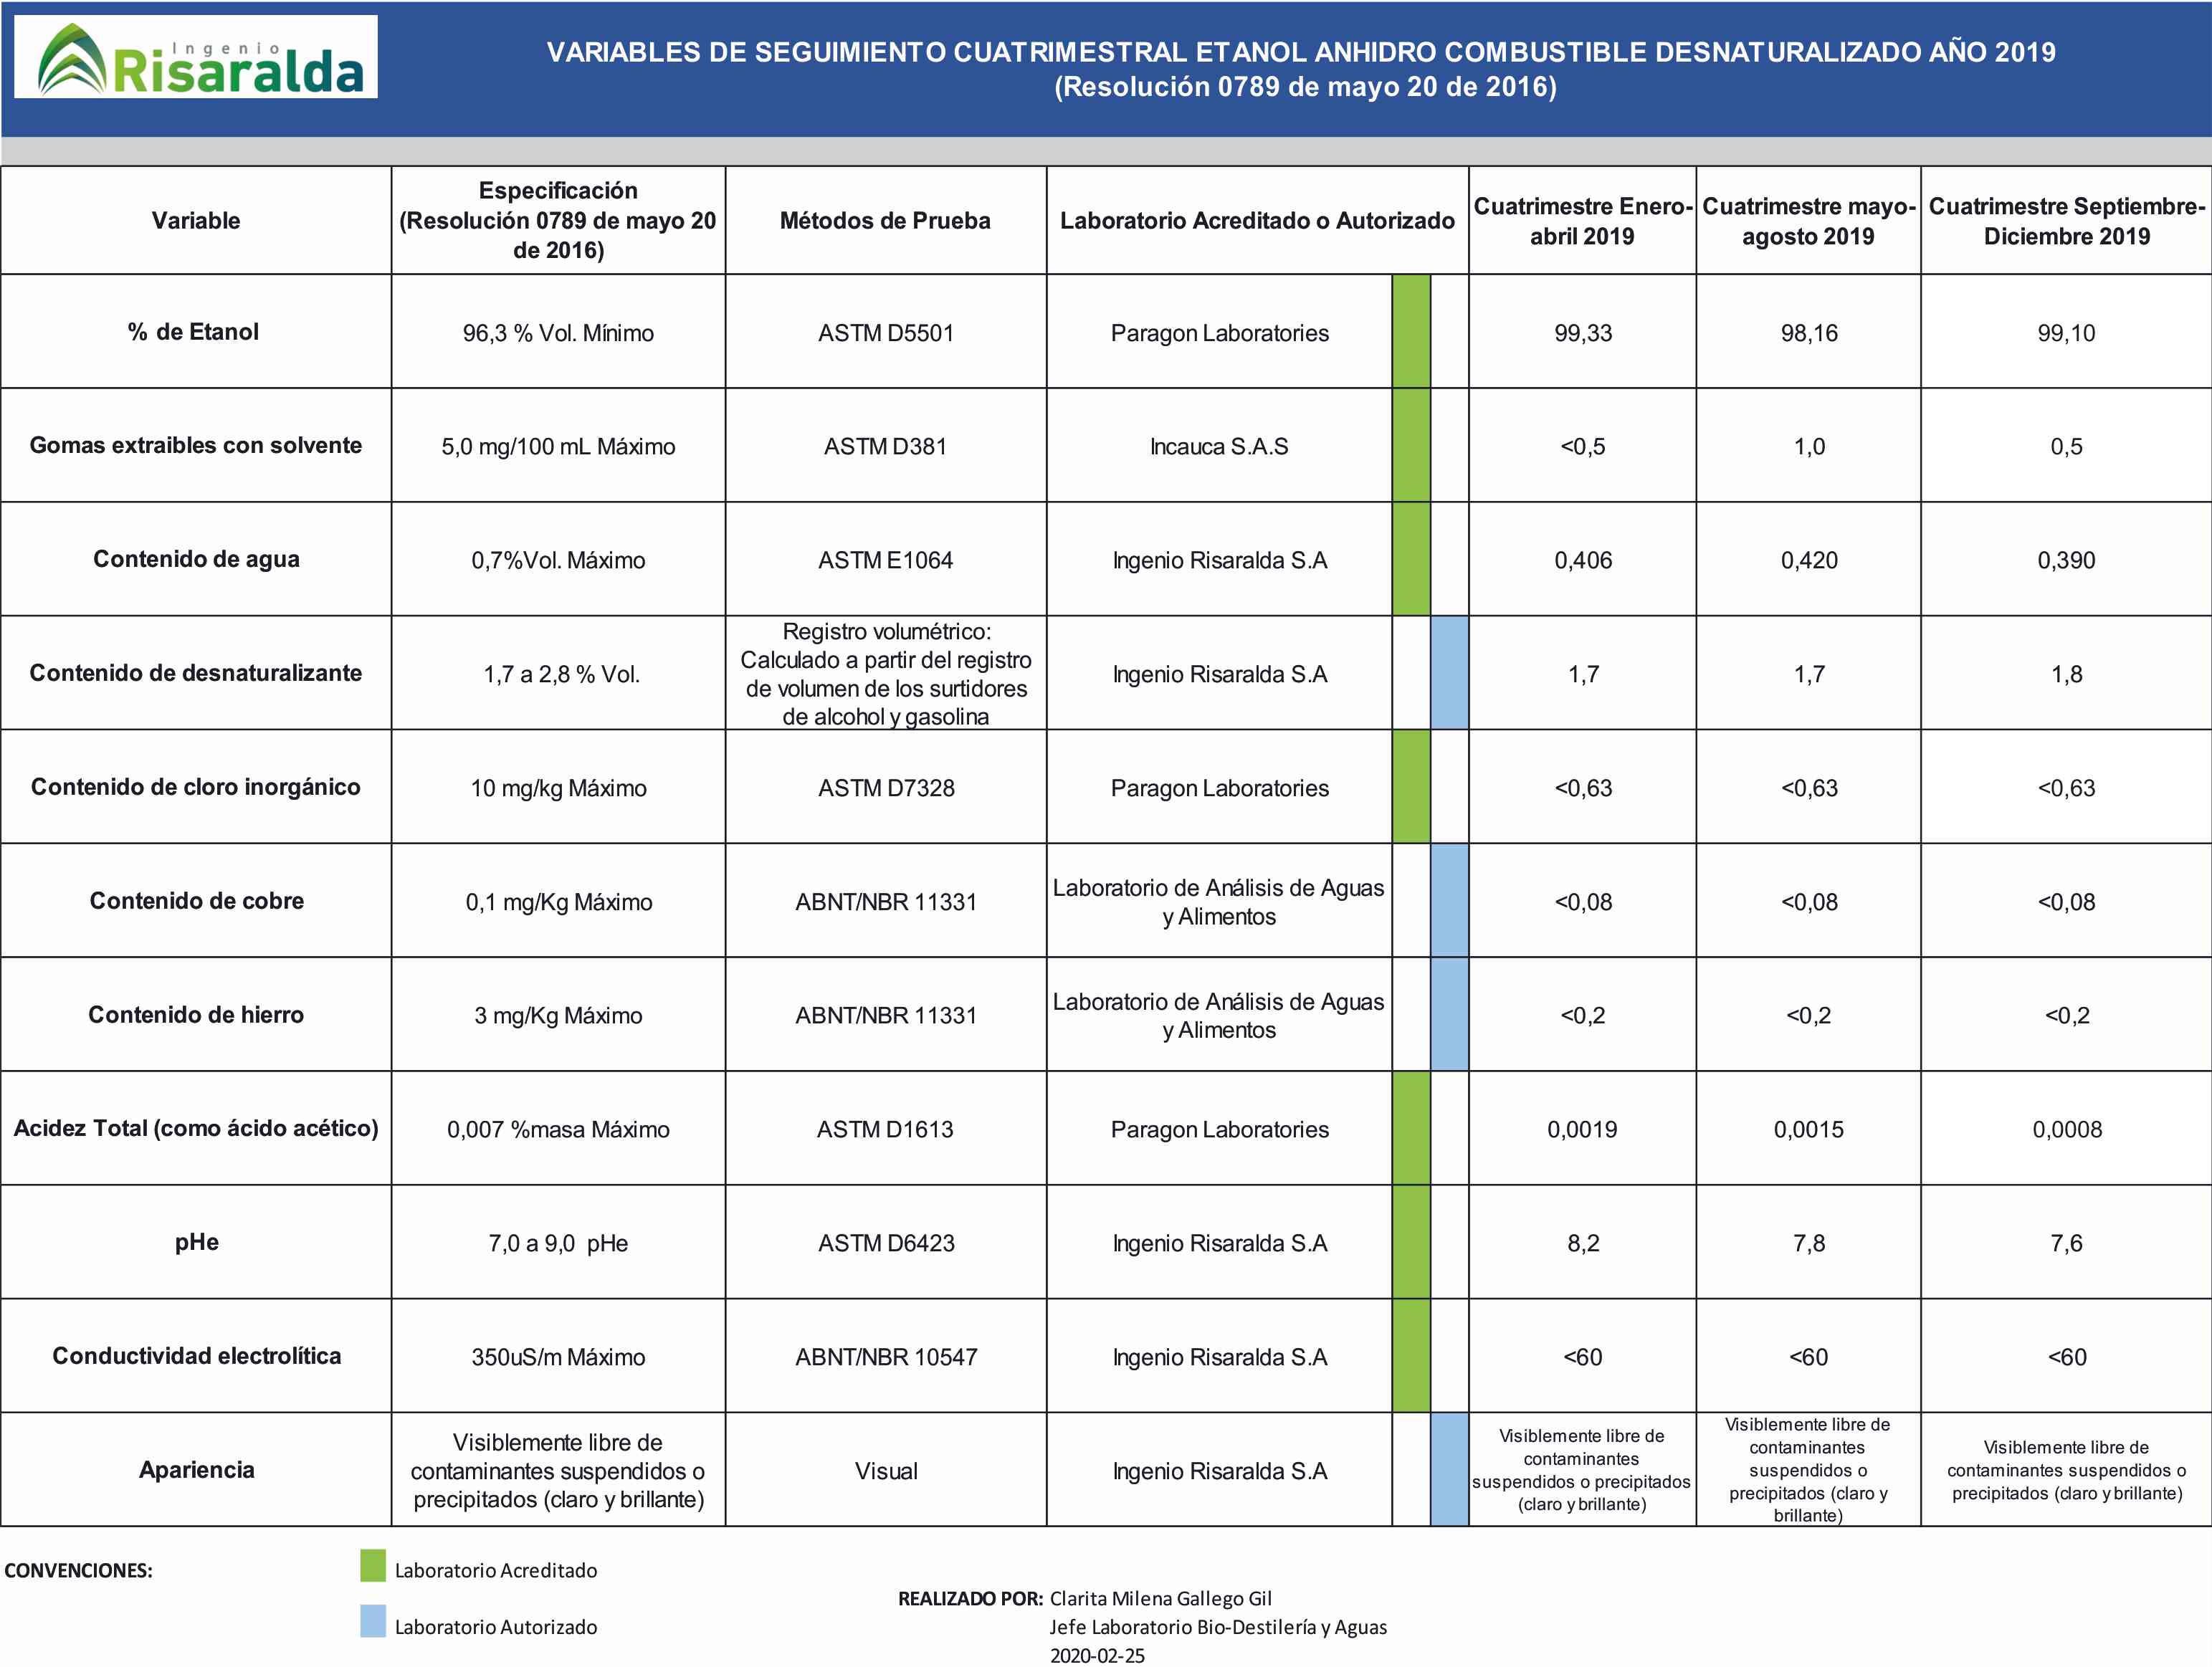 VARIABLES DE SEGUIMIENTO CUATRIMESTRAL ETANOL ANHIDRO COMBUSTIBLE DESNATURALIZADO AÑO 2019